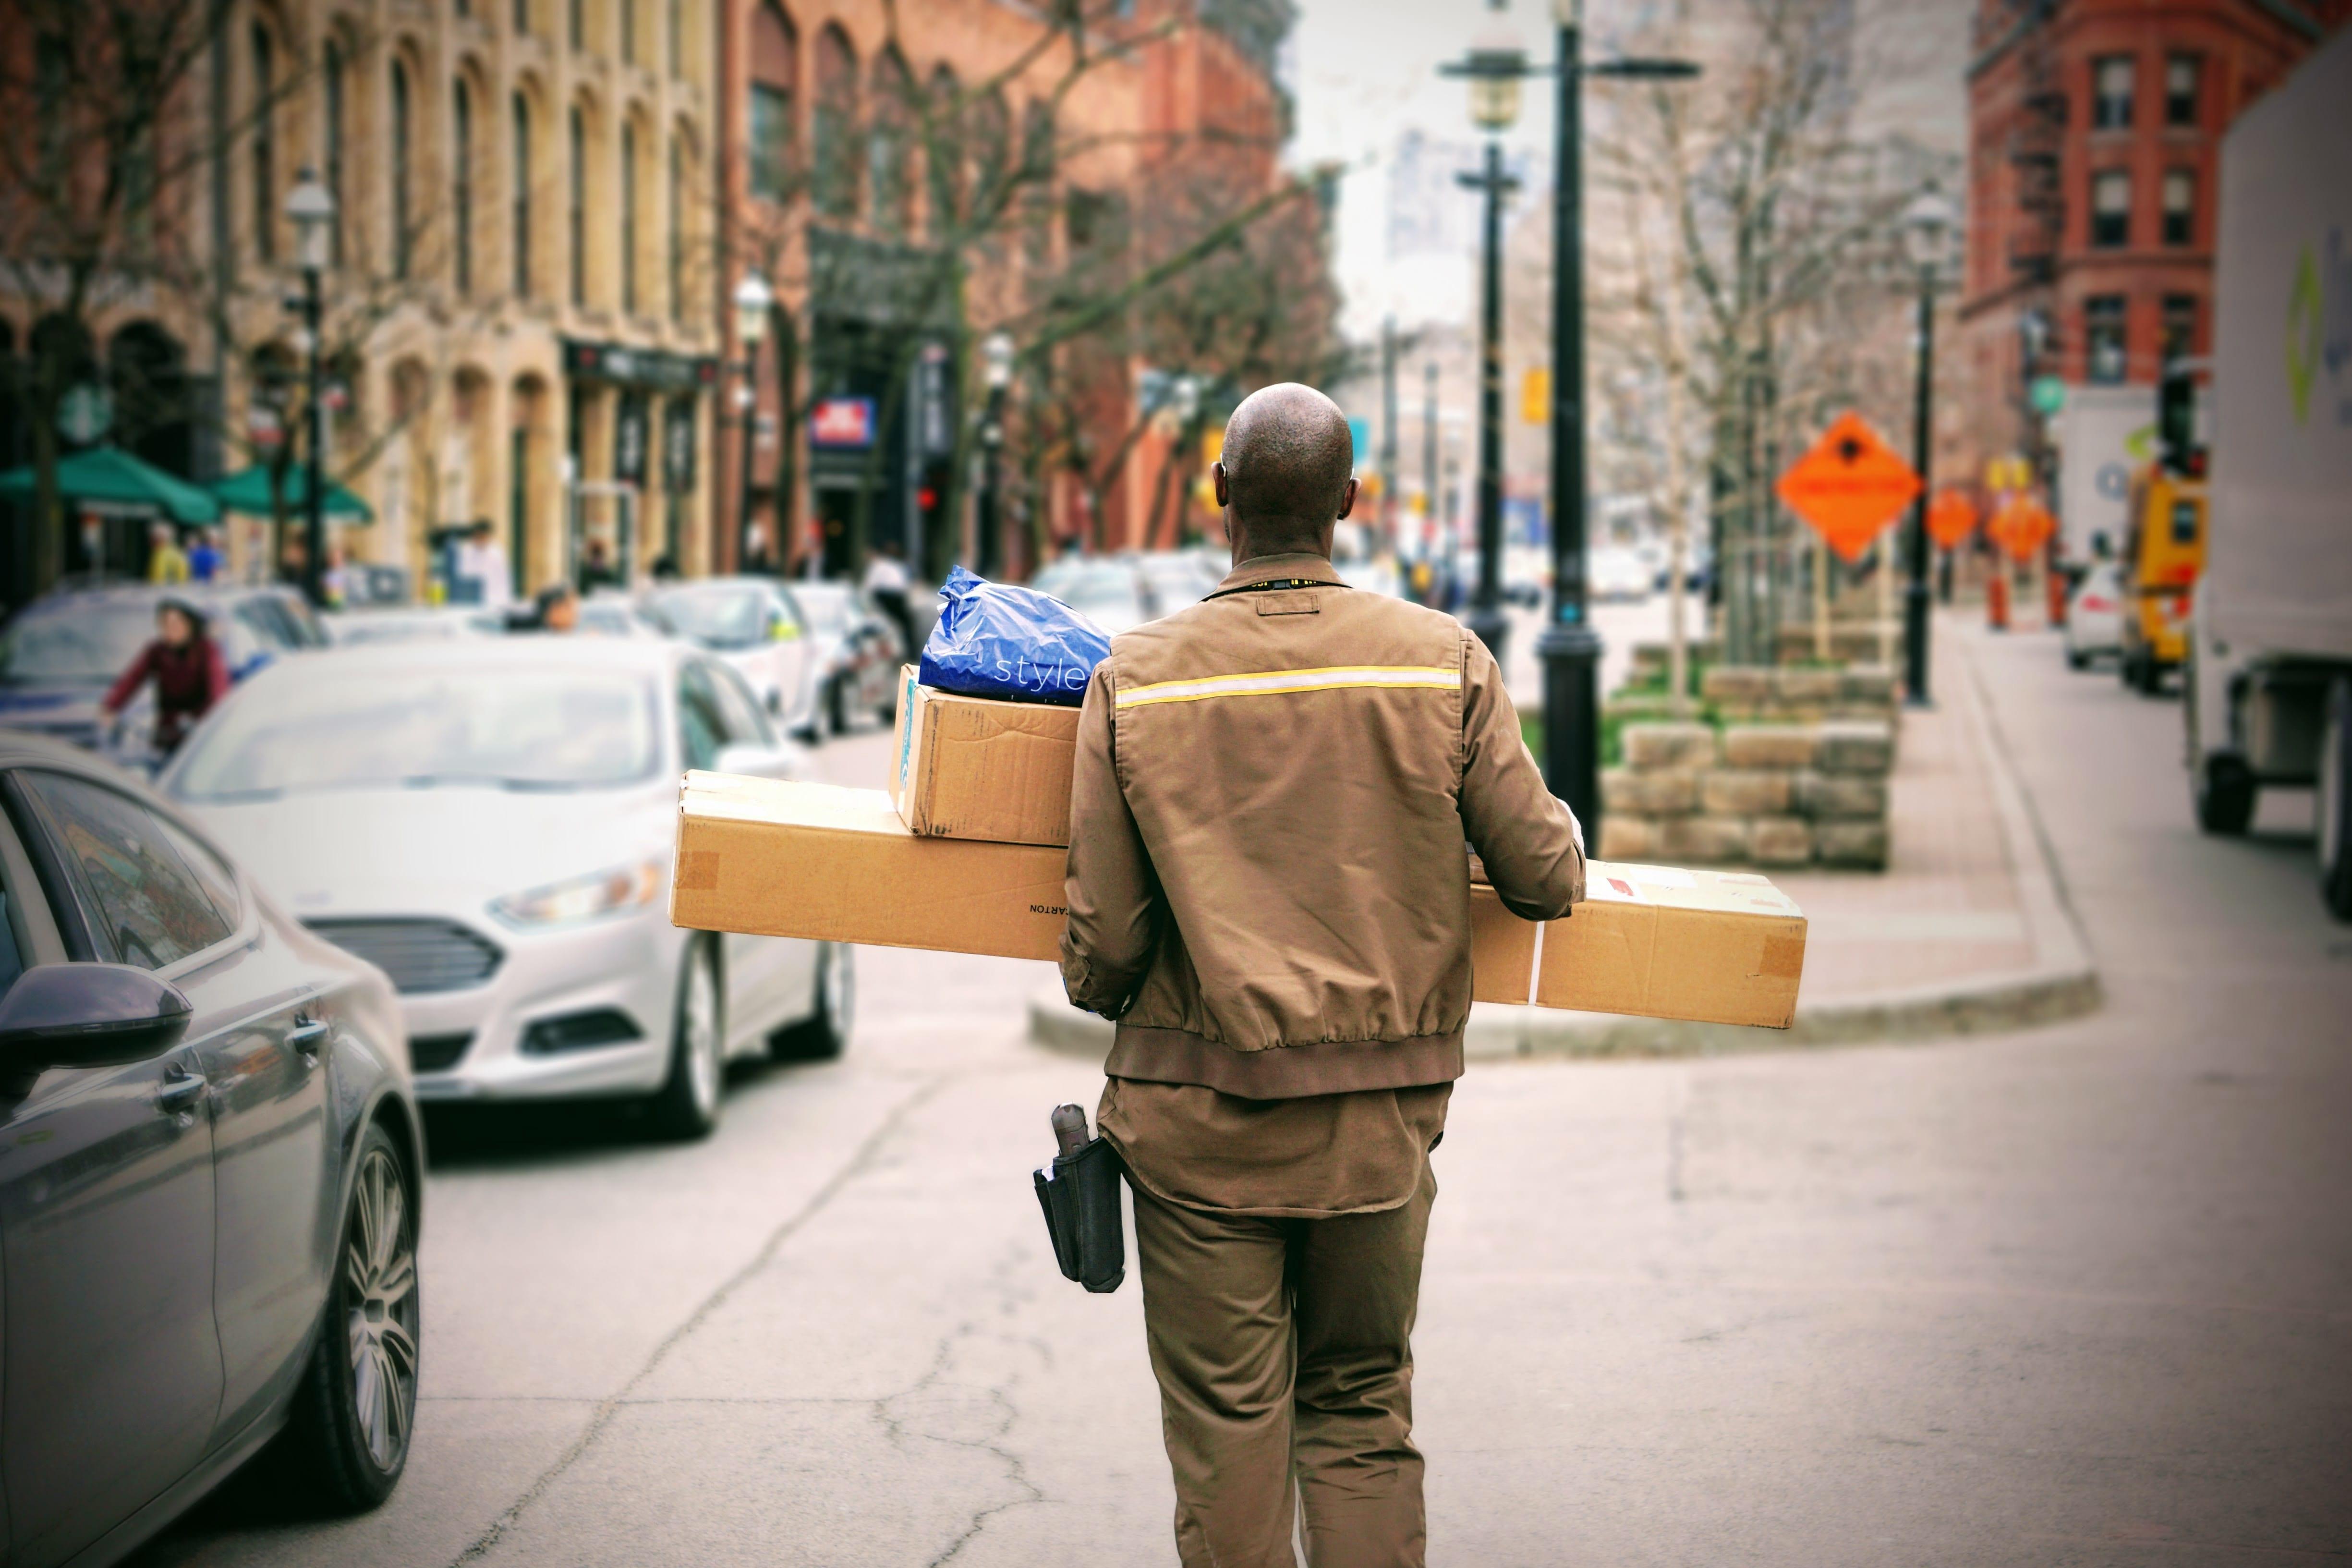 UPS employee in uniform carrying packages; image by Maarten van den Heuvel, via unsplash.com.